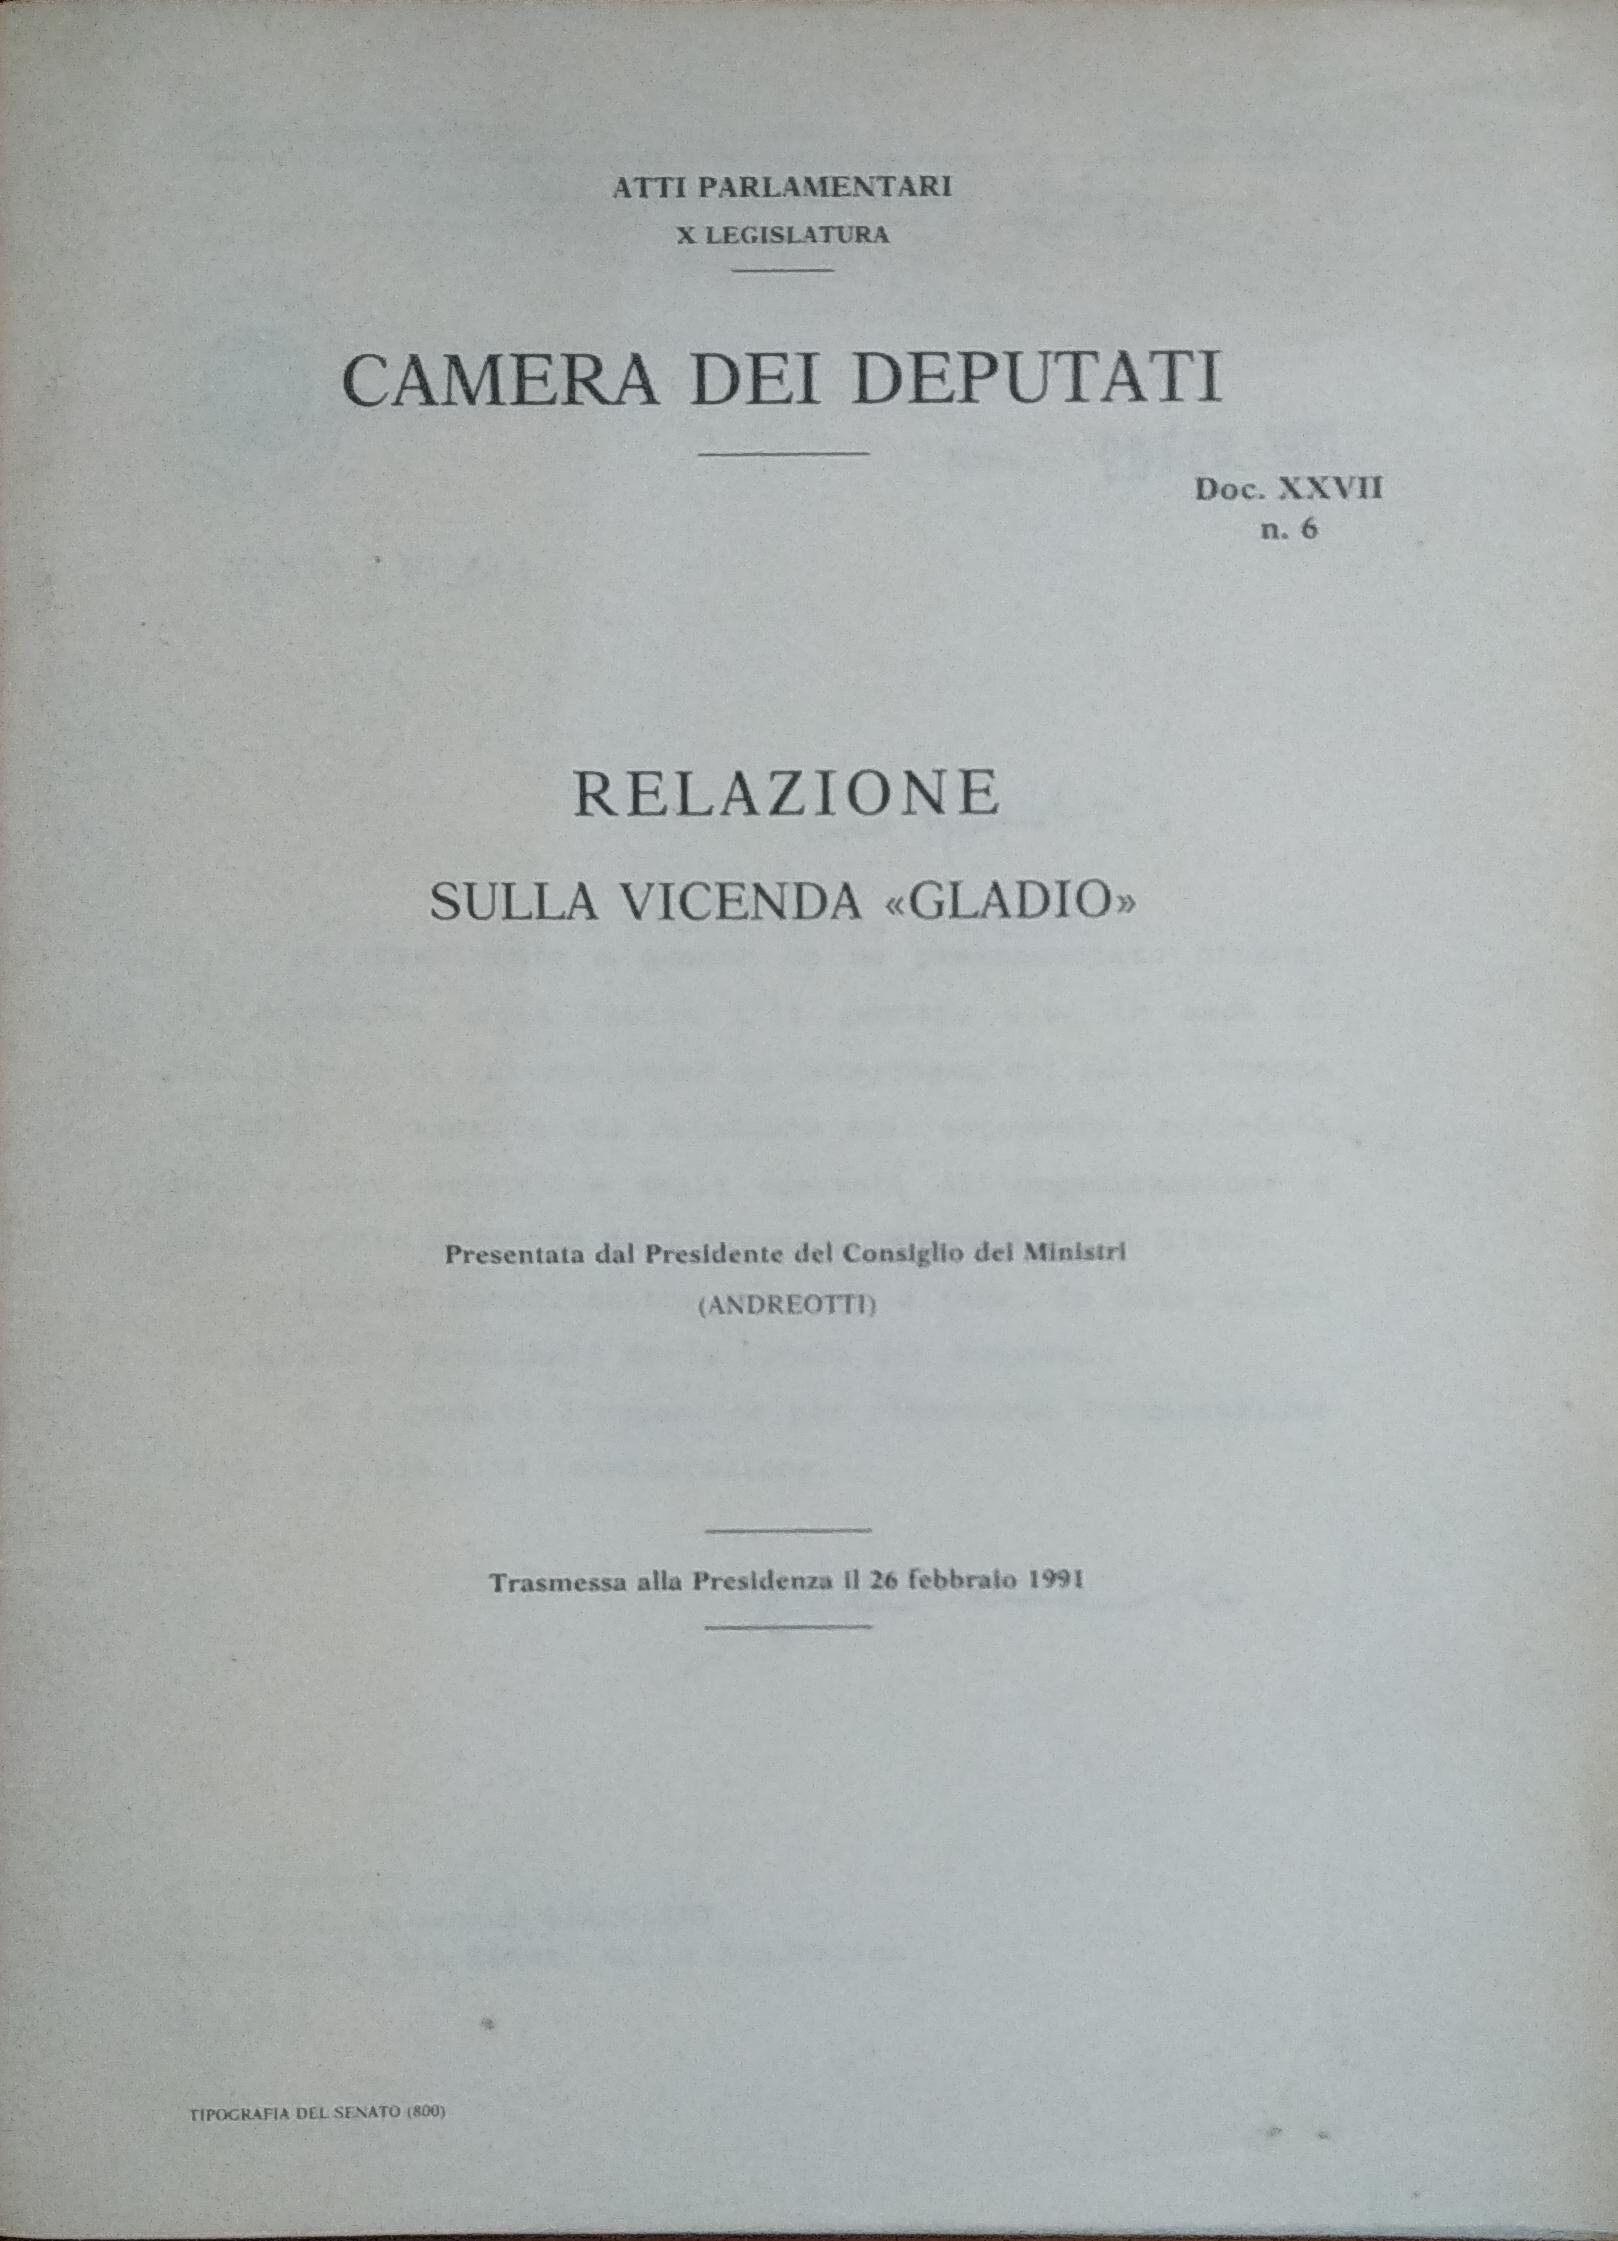 ORIGINALE (NON FOTOCOPIA) – Relazione sulla Vicenda «Gladio», presentata dal Presidente del Consiglio dei Ministri Giulio Andreotti, 26 febbraio 1991, Roma, Camera Dei Deputati – Tipografia Del Senato.